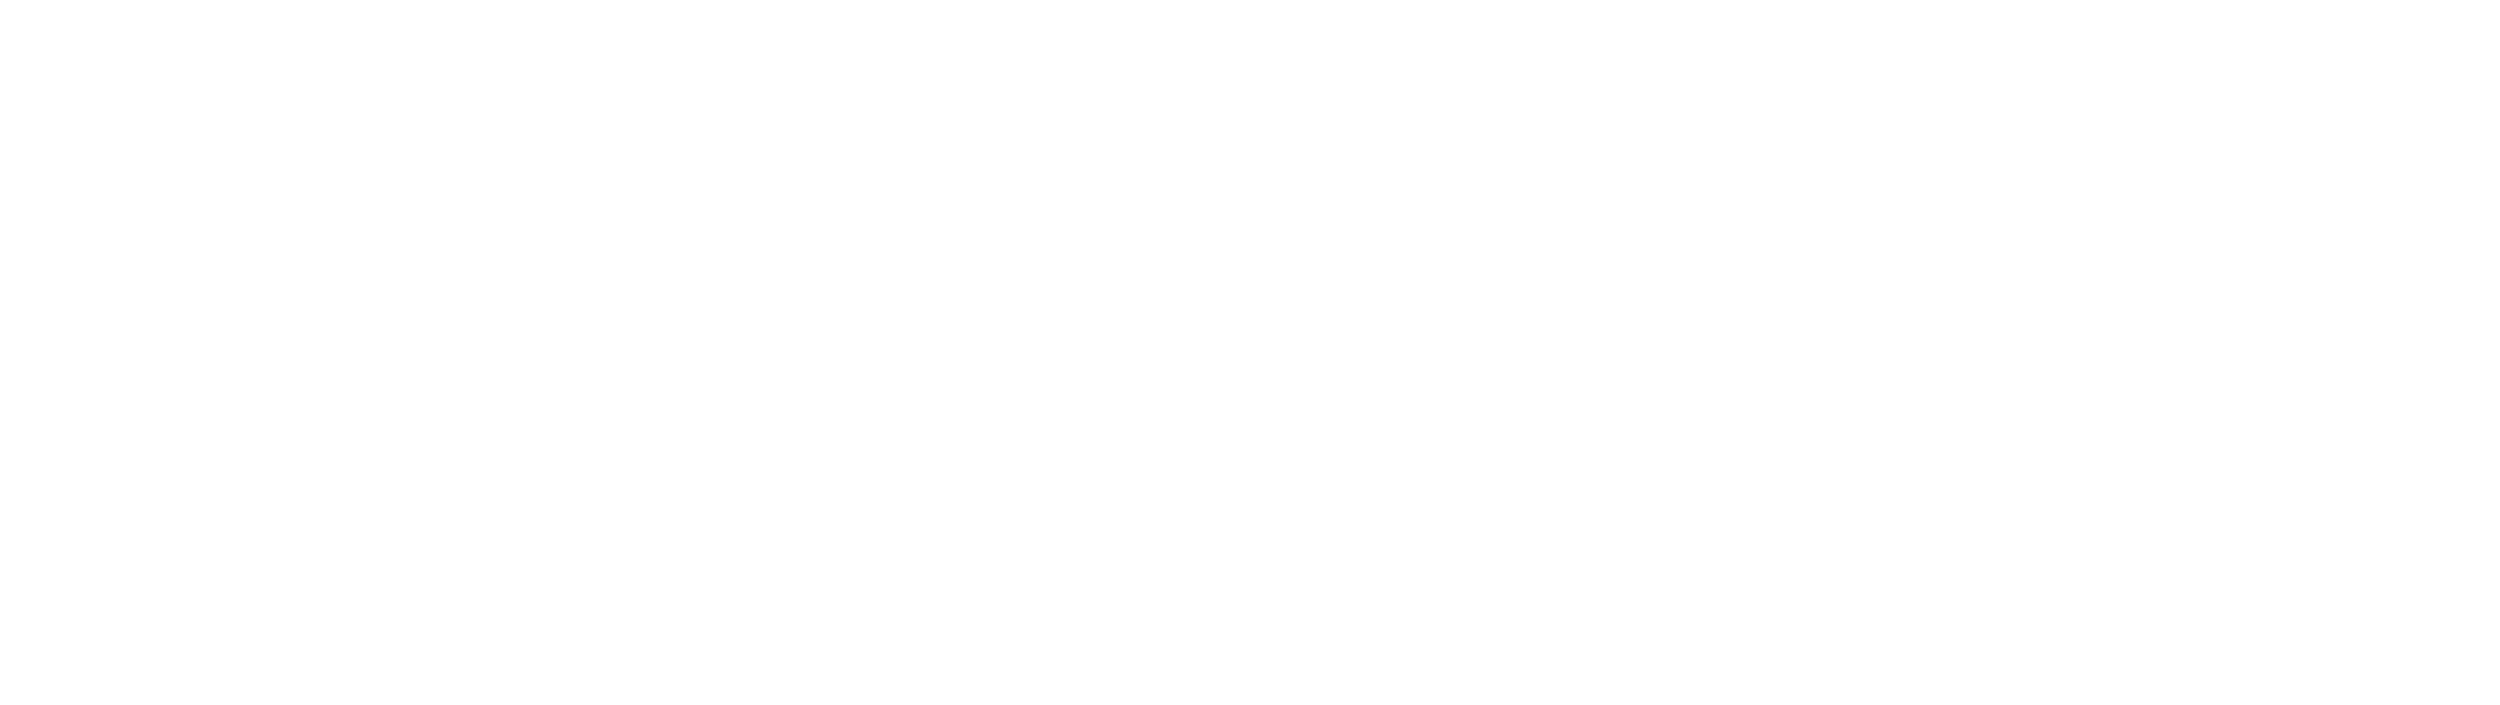 logo text landscape white.png